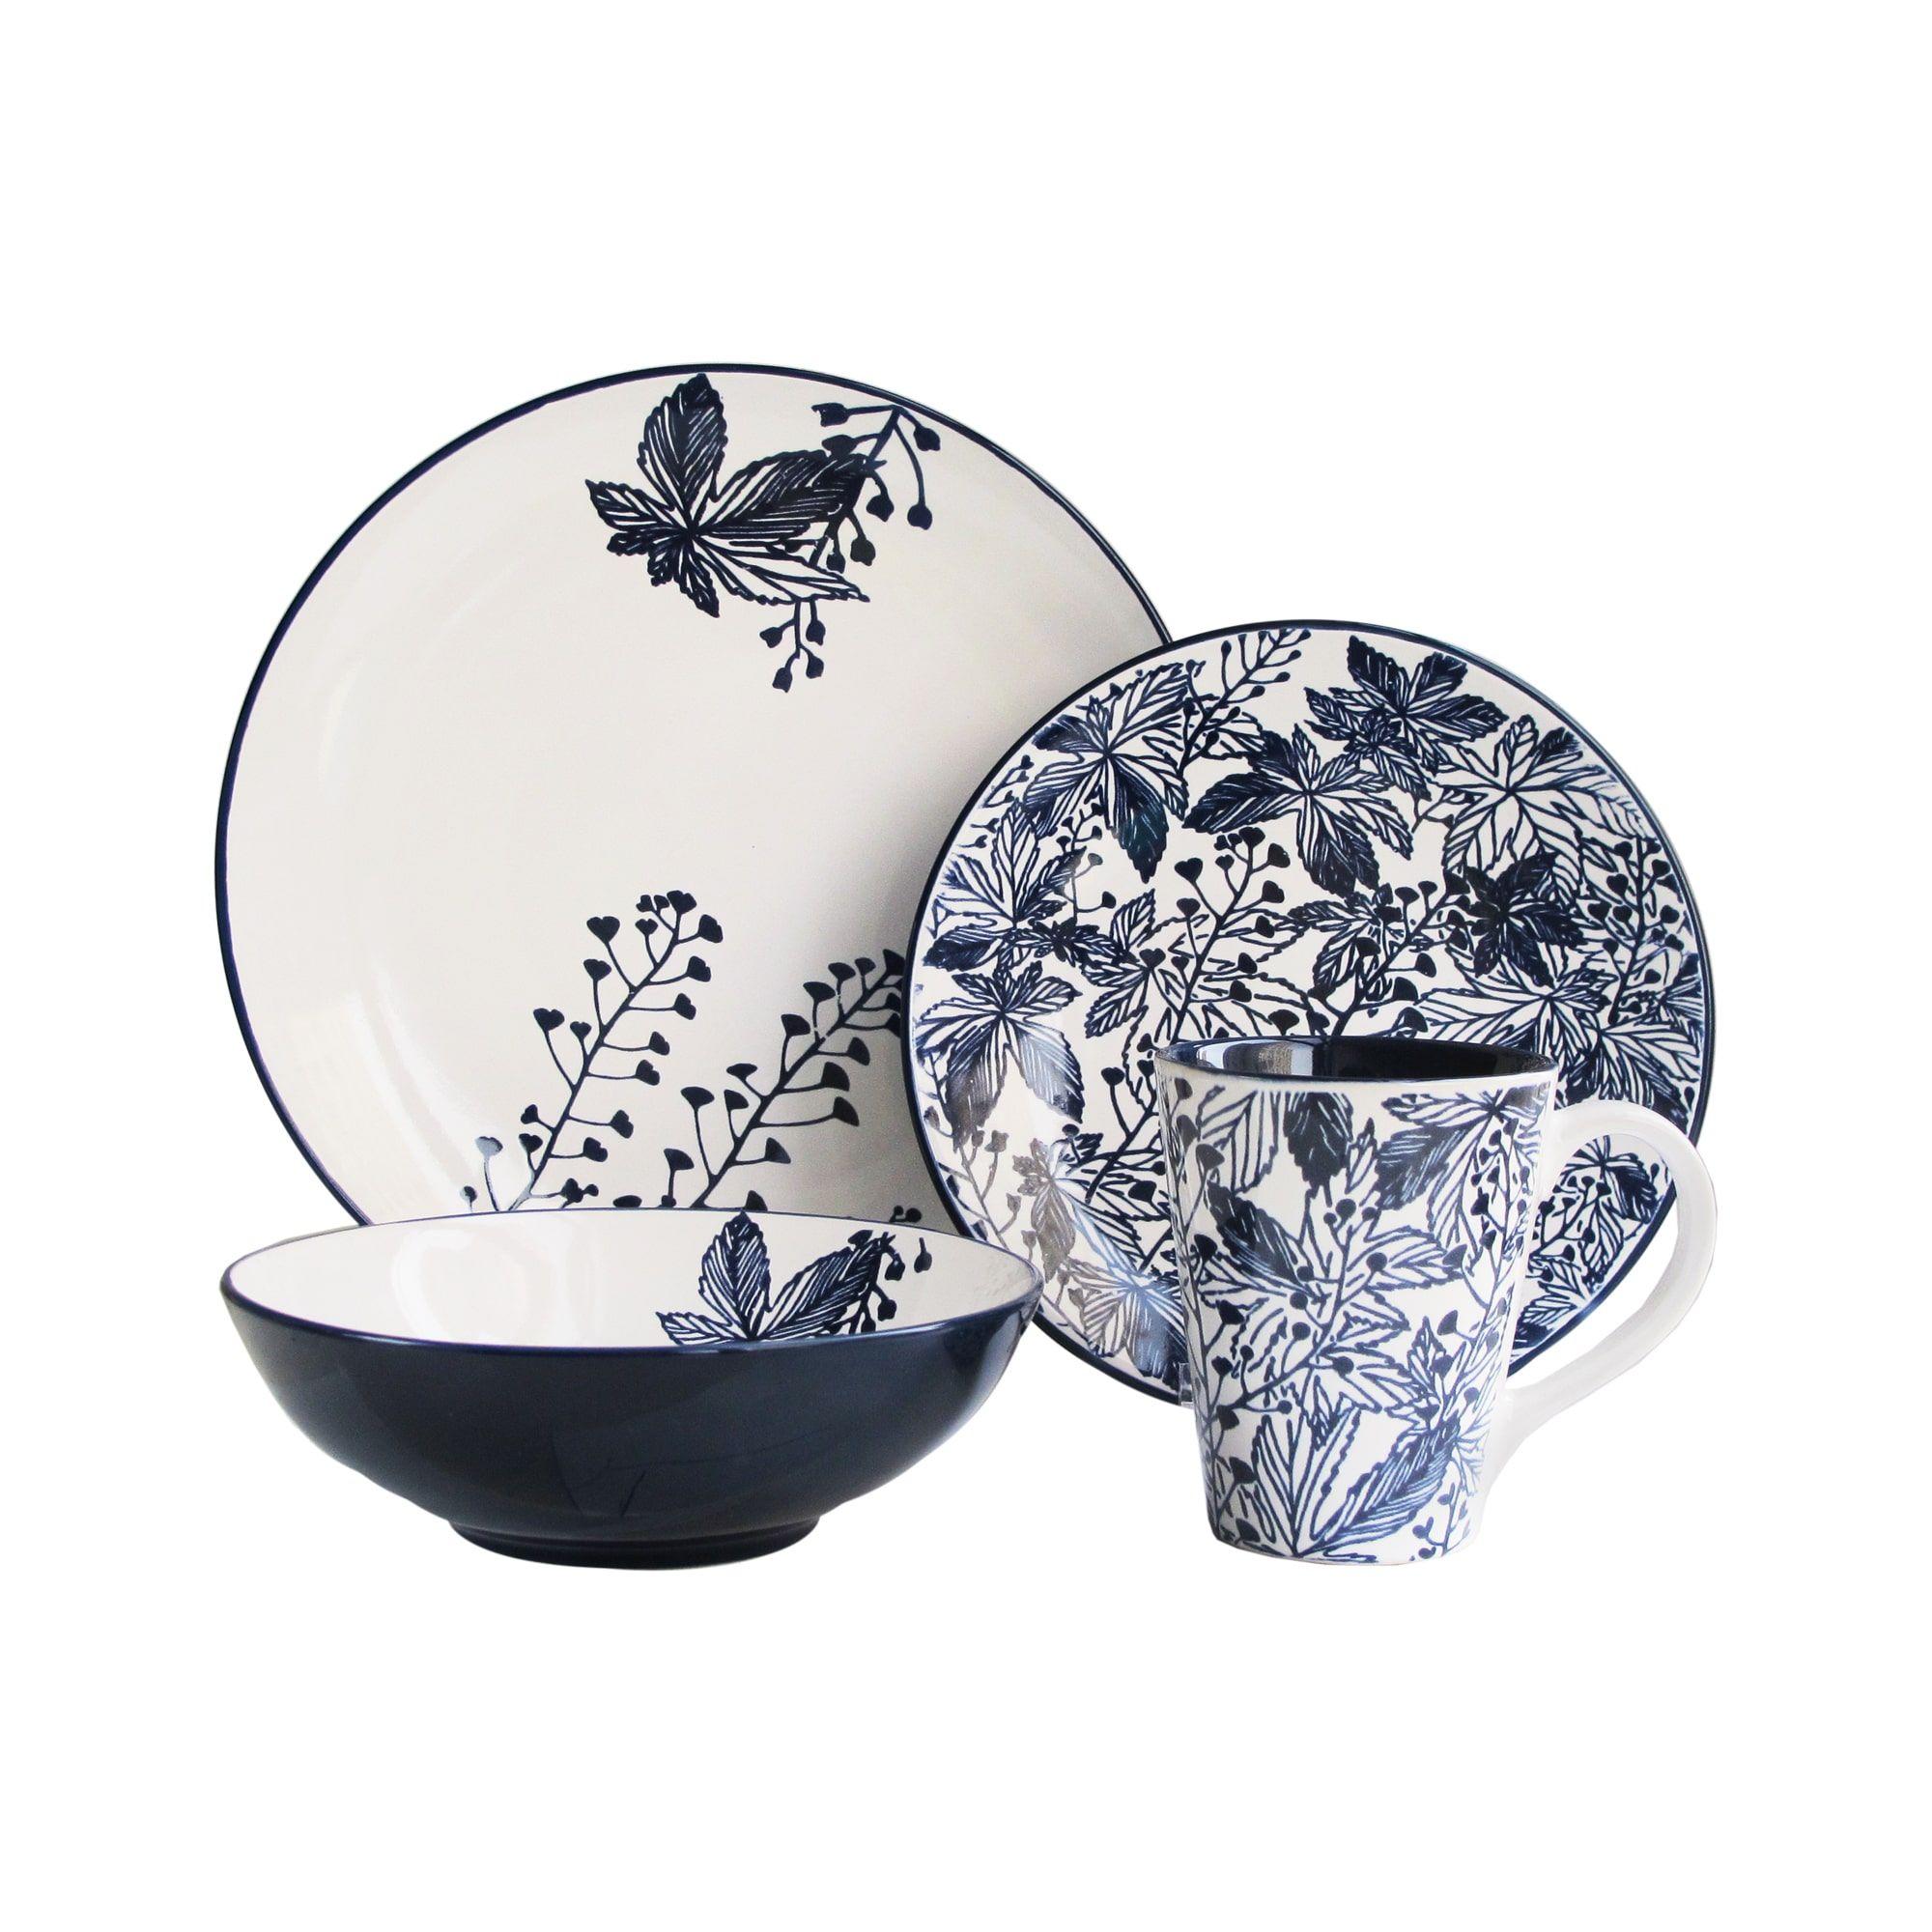 American Atelier Floral Indigo 16-piece Dinnerware Set by American Atelier  sc 1 st  Pinterest & American Atelier Floral Indigo 16-piece Dinnerware Set   Overstock ...